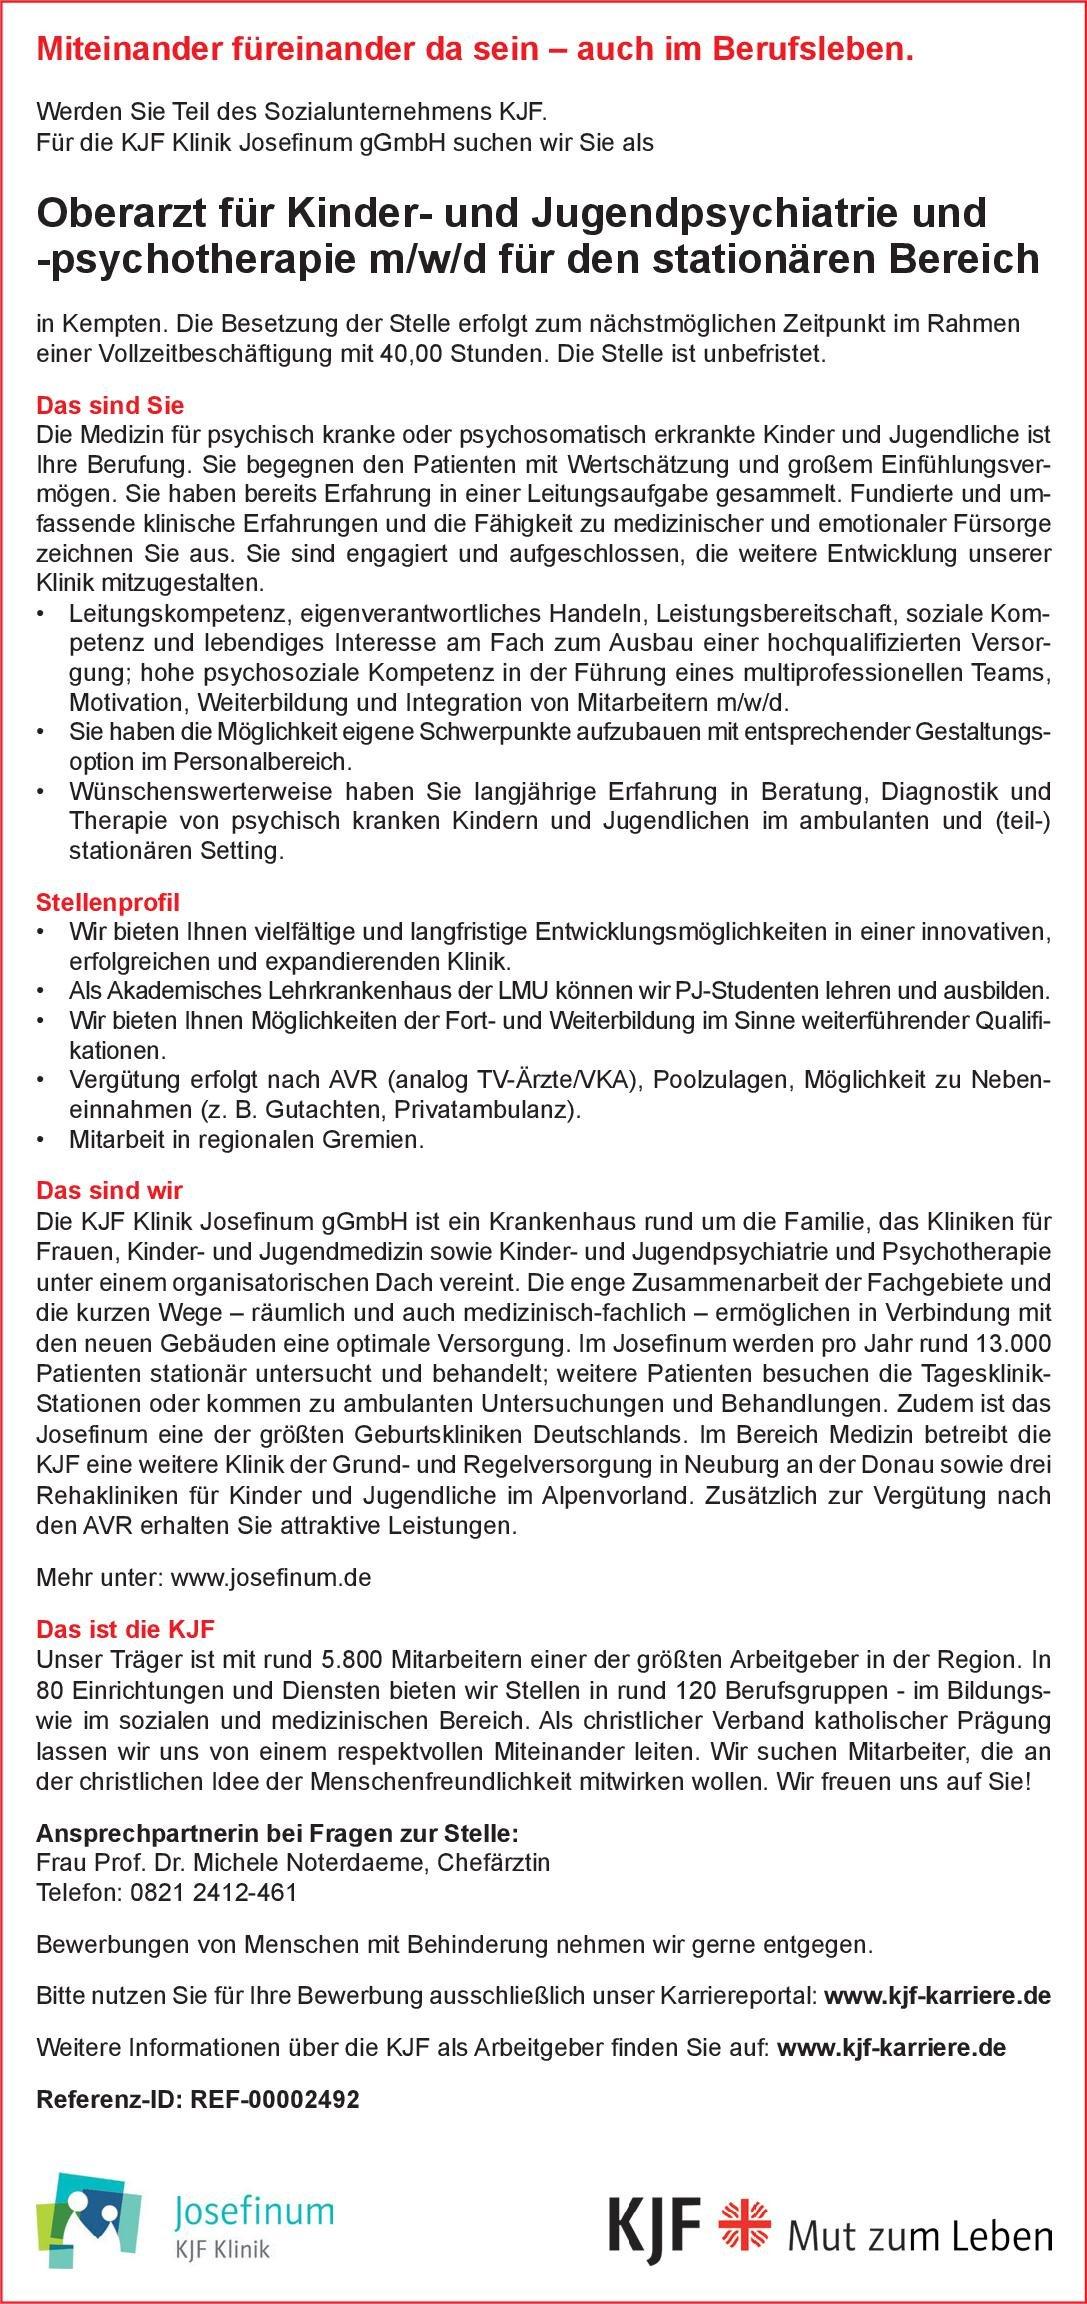 KJF Klinik Josefinum gGmbH Oberarzt für Kinder- und Jugendpsychiatrie und -psychotherapie m/w/d für den stationären Bereich Kinder- und Jugendpsychiatrie und -psychotherapie Oberarzt